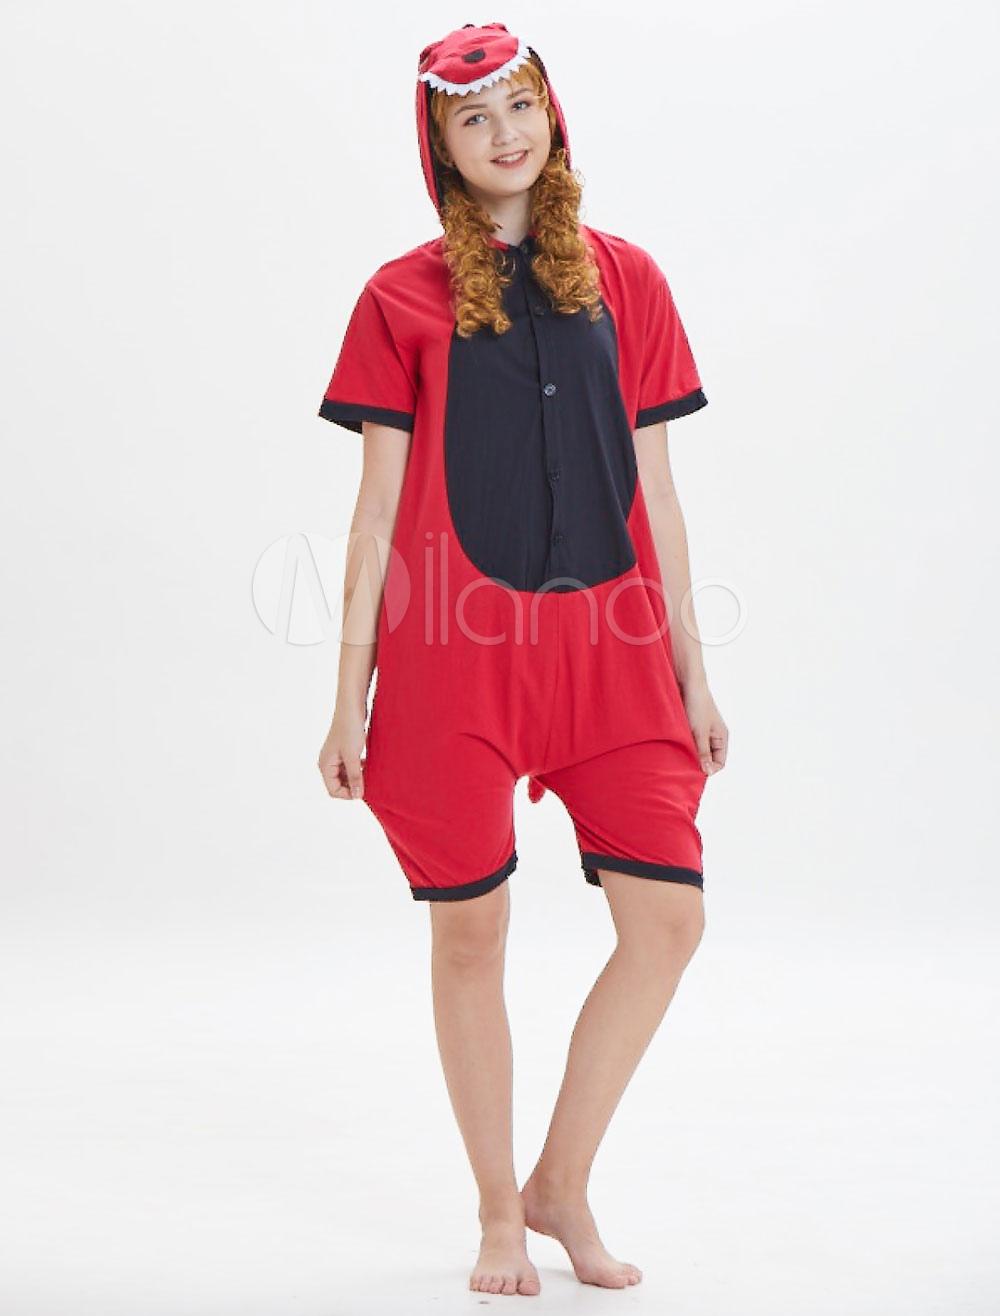 503ad4ff5d4 Dinosaur Kigurumi Onesie Pajamas Adult Red Short Jumpsuits Hooded Unisex  Animal Sleepwear Halloween